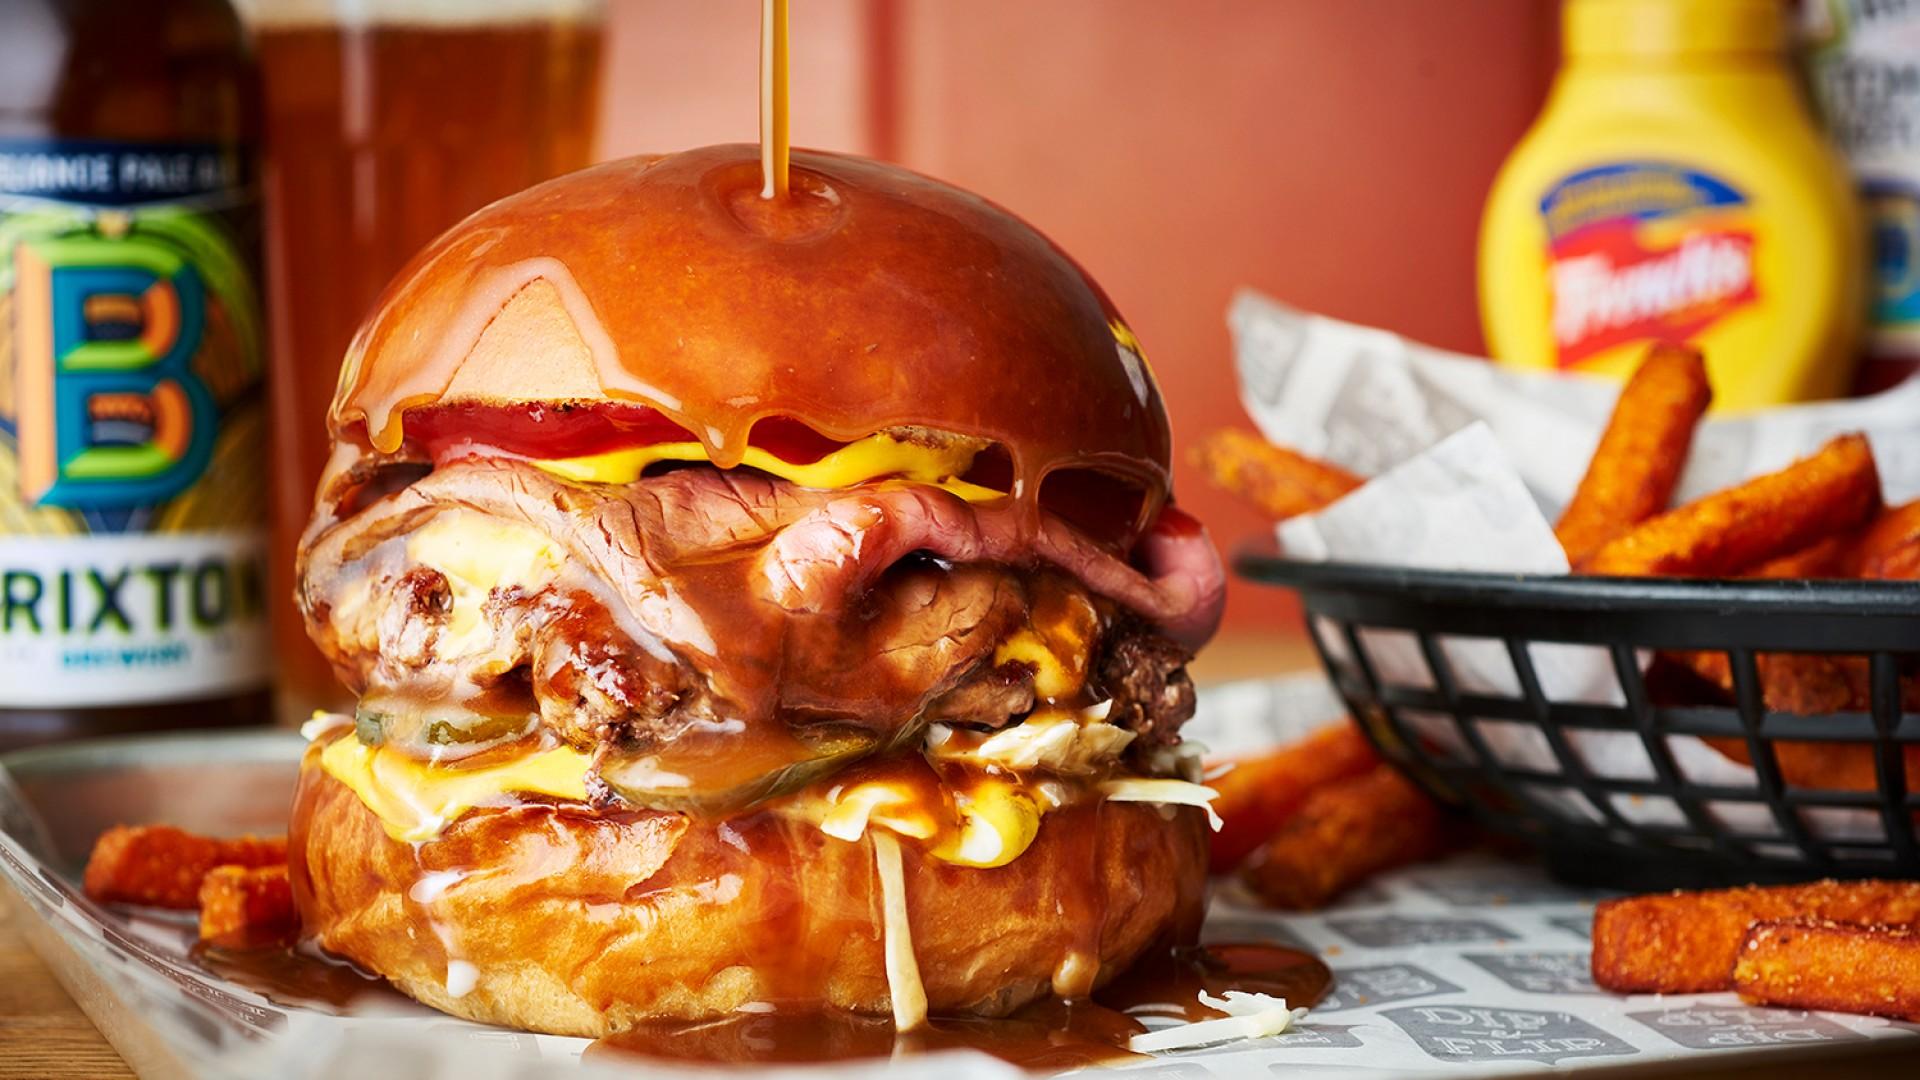 The Dip & Flip Burger at Dip & Flip